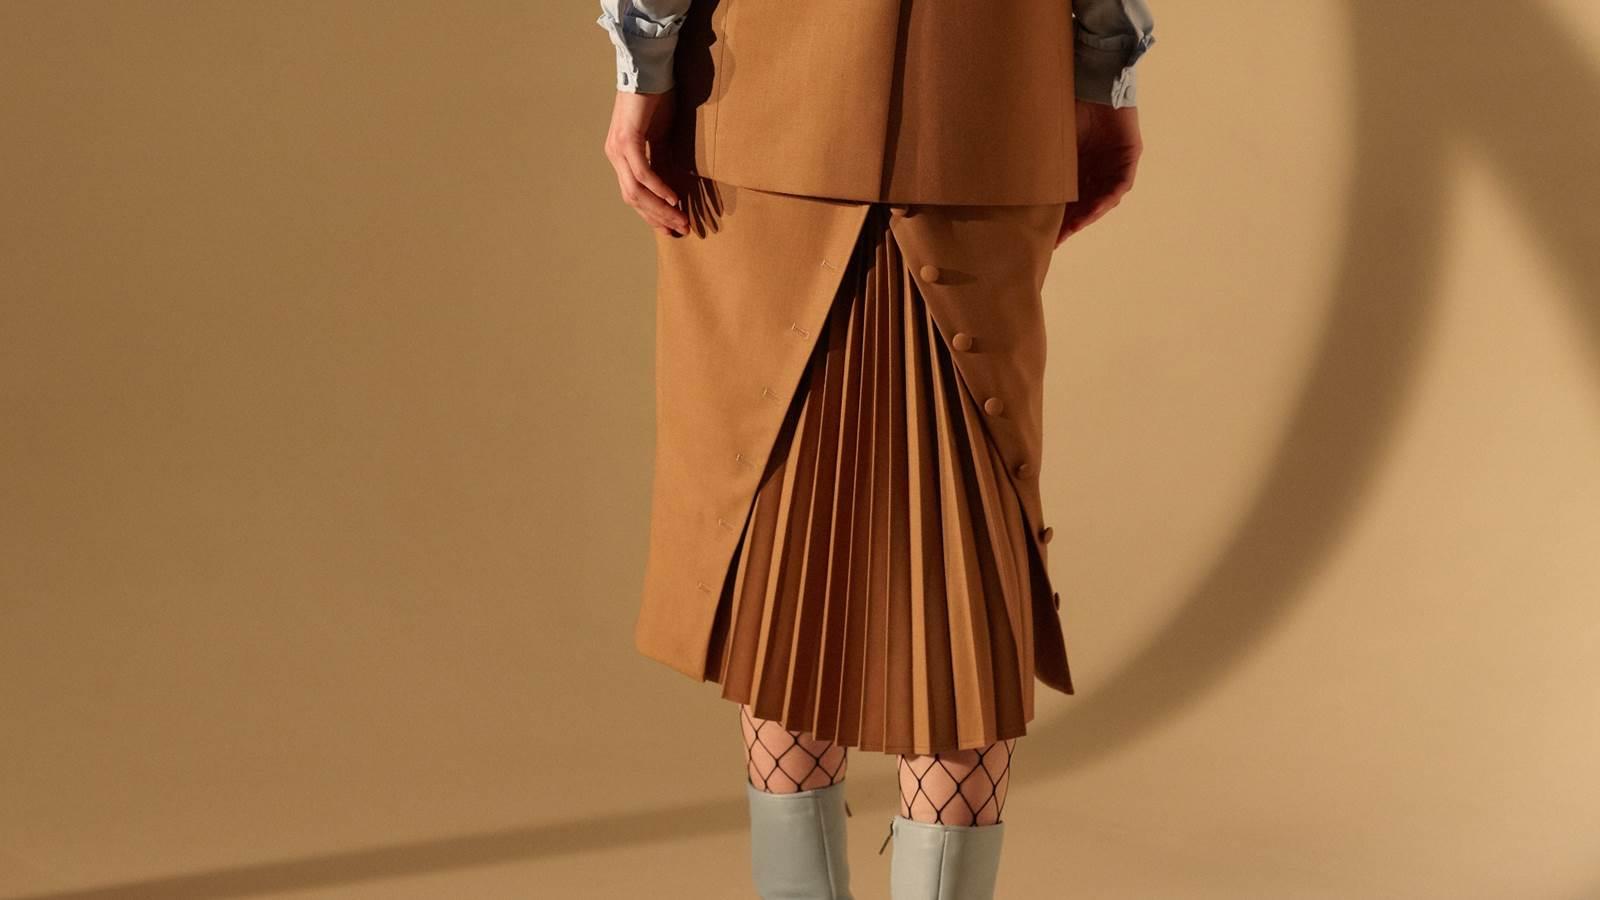 196ef729 Jakie spódnice są obecnie najmodniejsze – eltying.com.pl